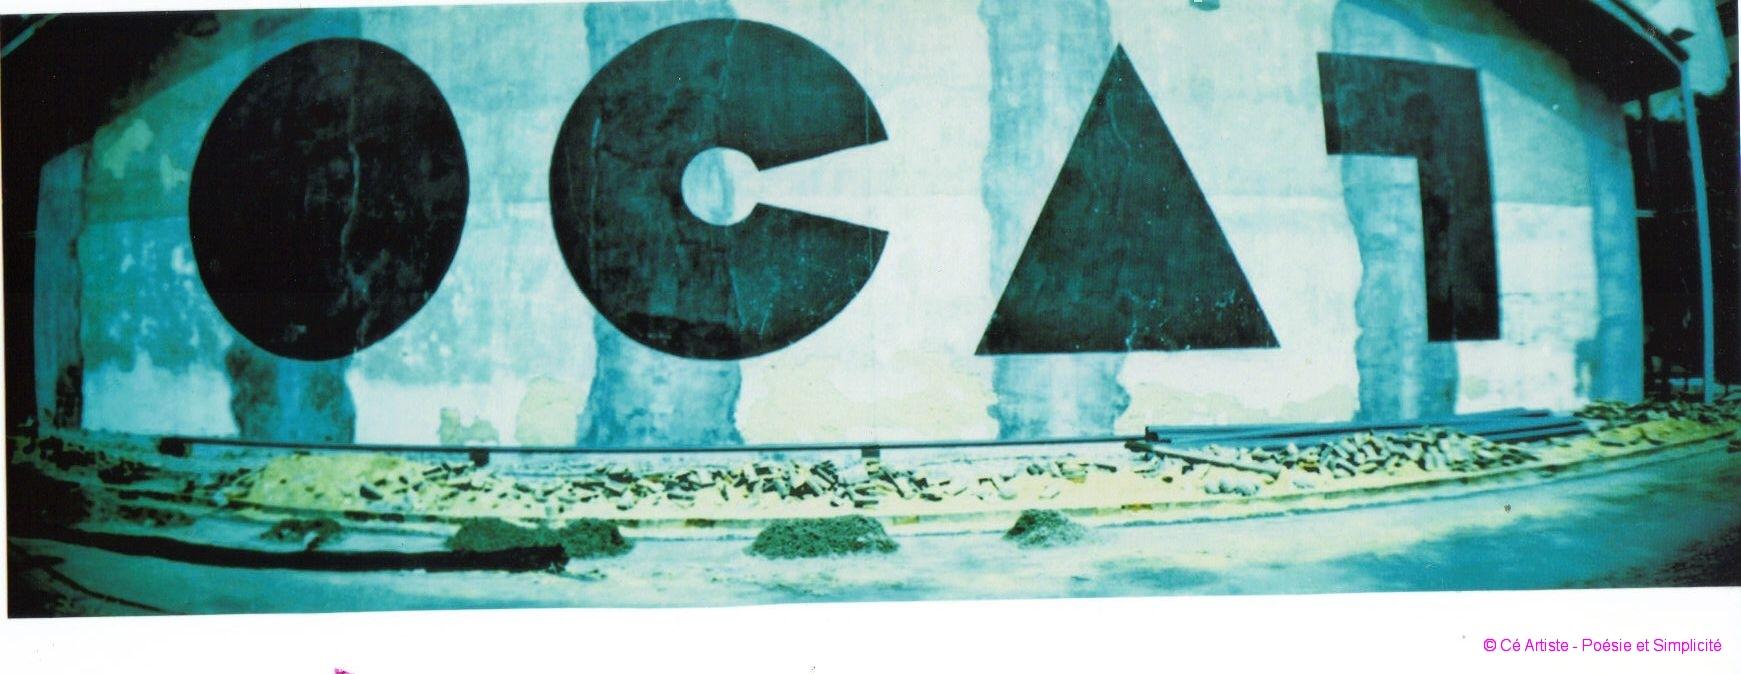 Art contemporain, fermé pour travaux